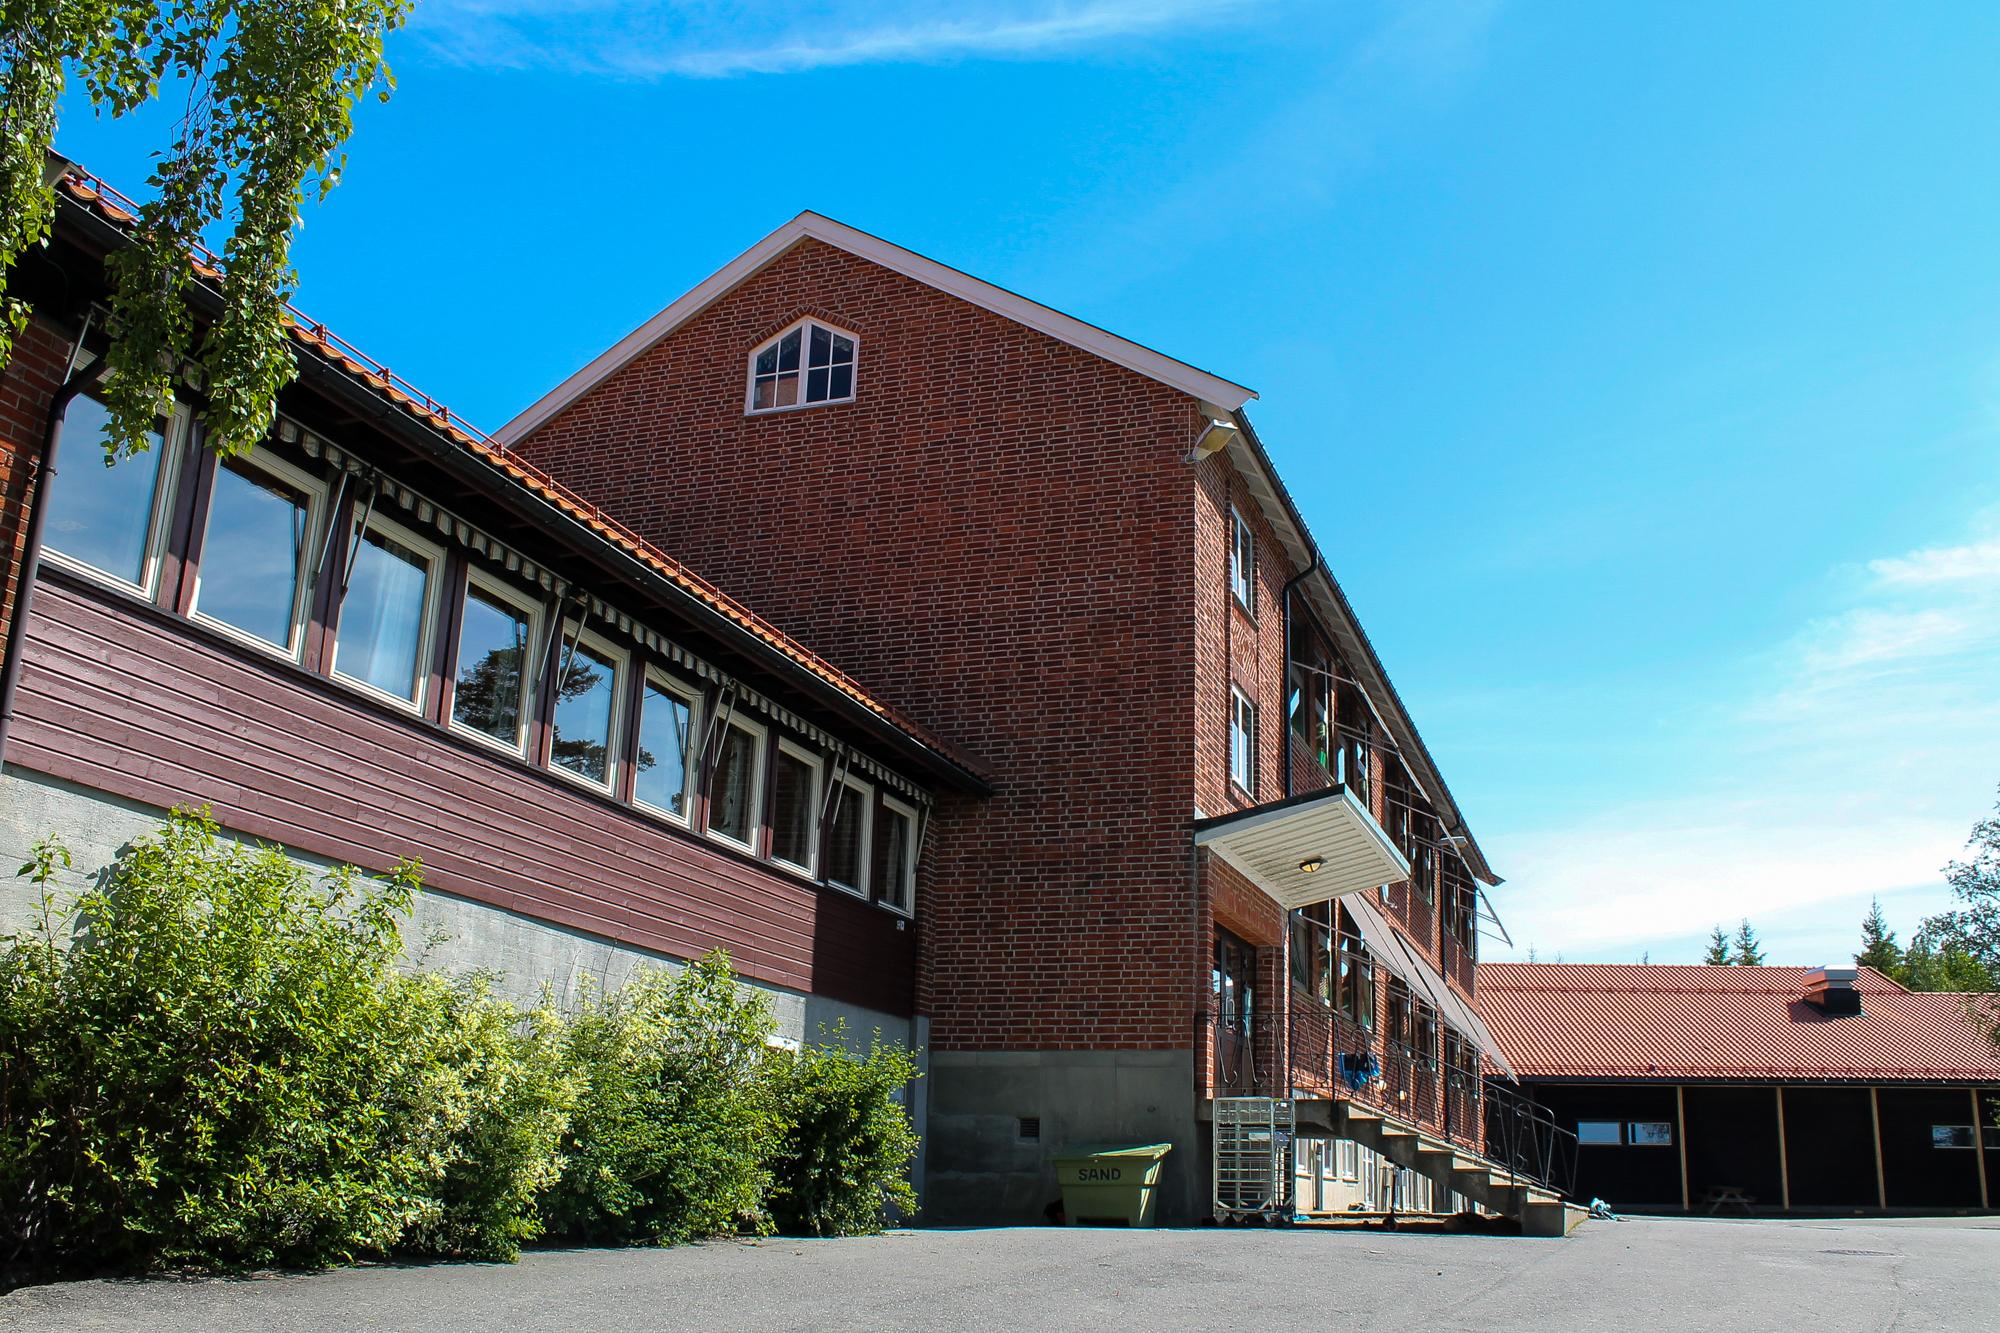 Båstad skole cropped  1535x  778